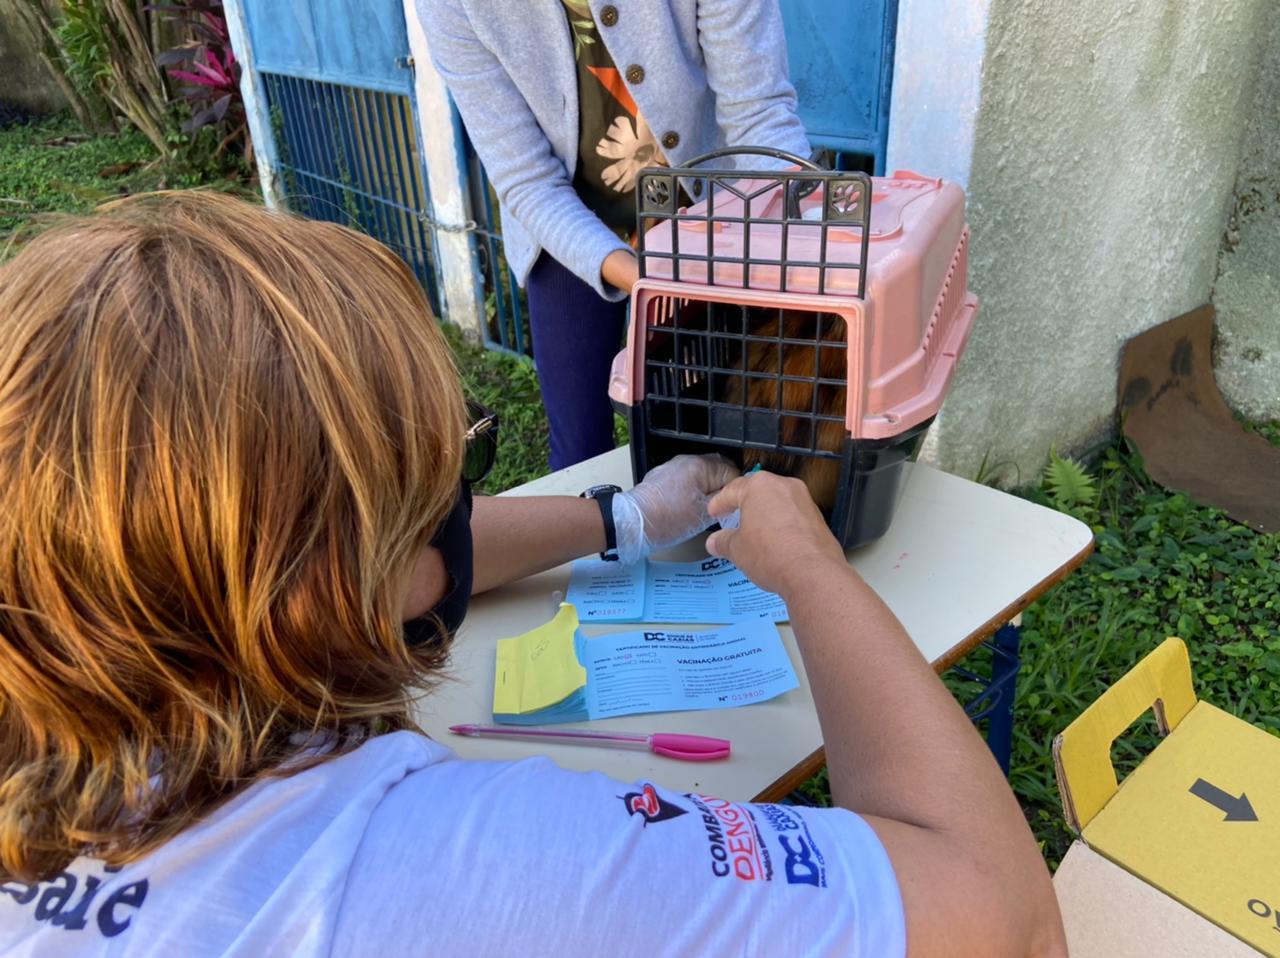 Prefeitura leva vacinação antirrábica  para cães e gatos ao distrito de Xerém